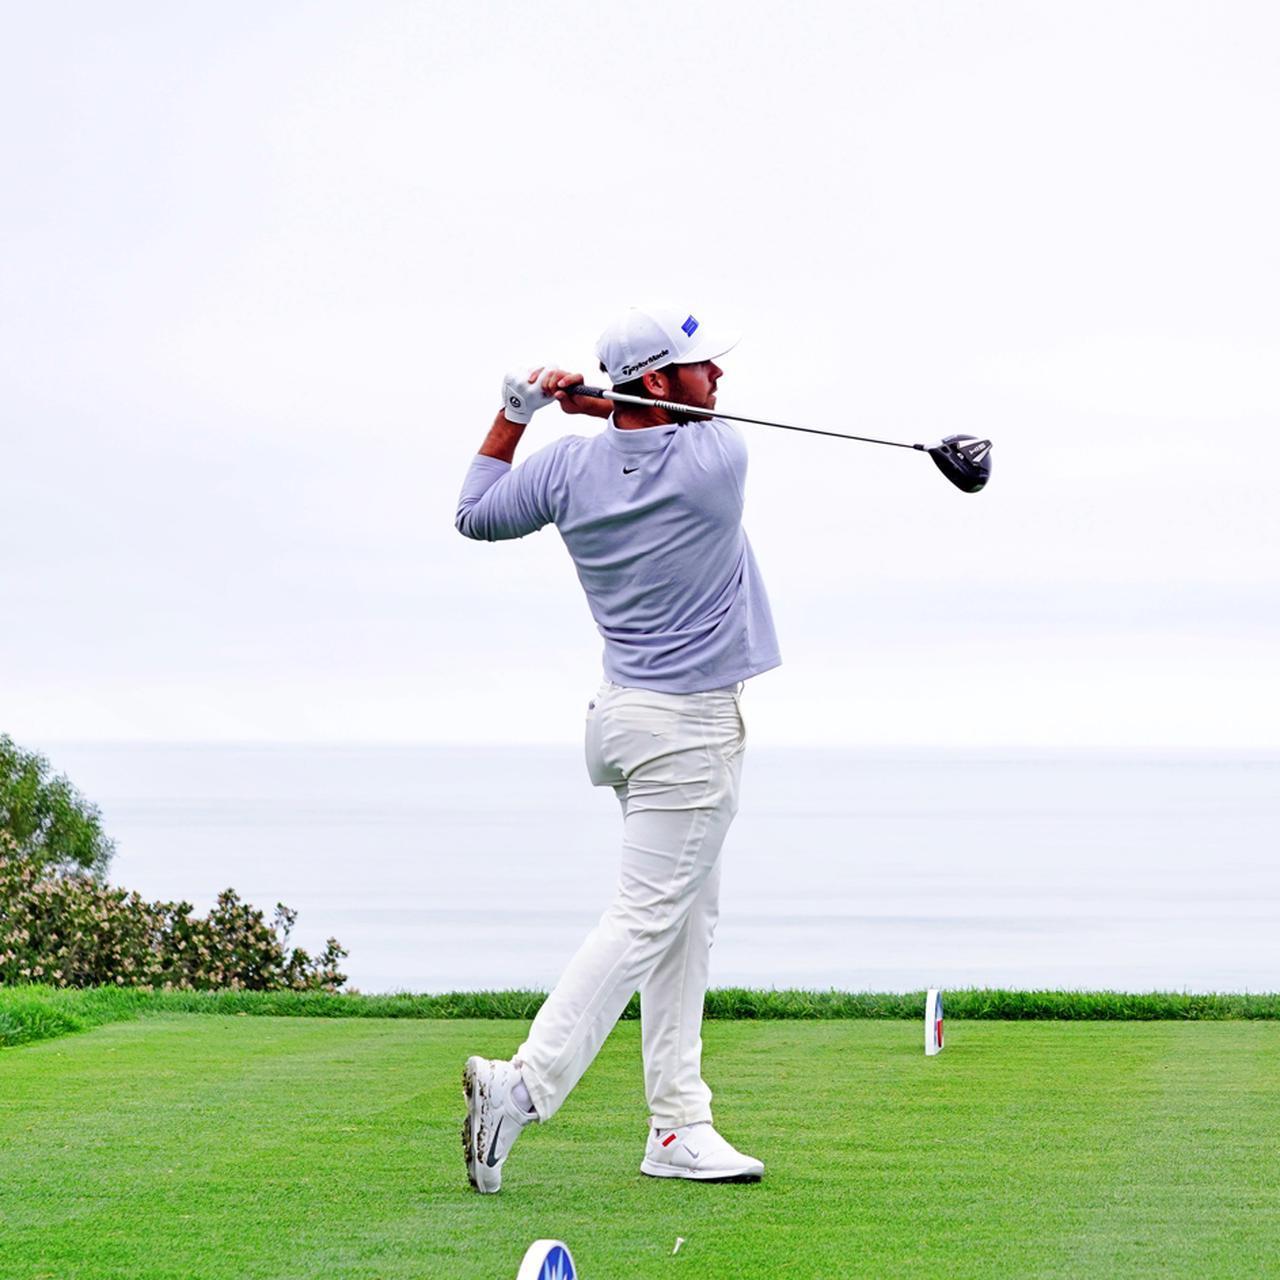 画像13: 【ビクトル・ホブラン/コリン・モリカワ/マシュー・ウルフ】PGAツアーの黄金世代は、すでに全員チャンピオン!